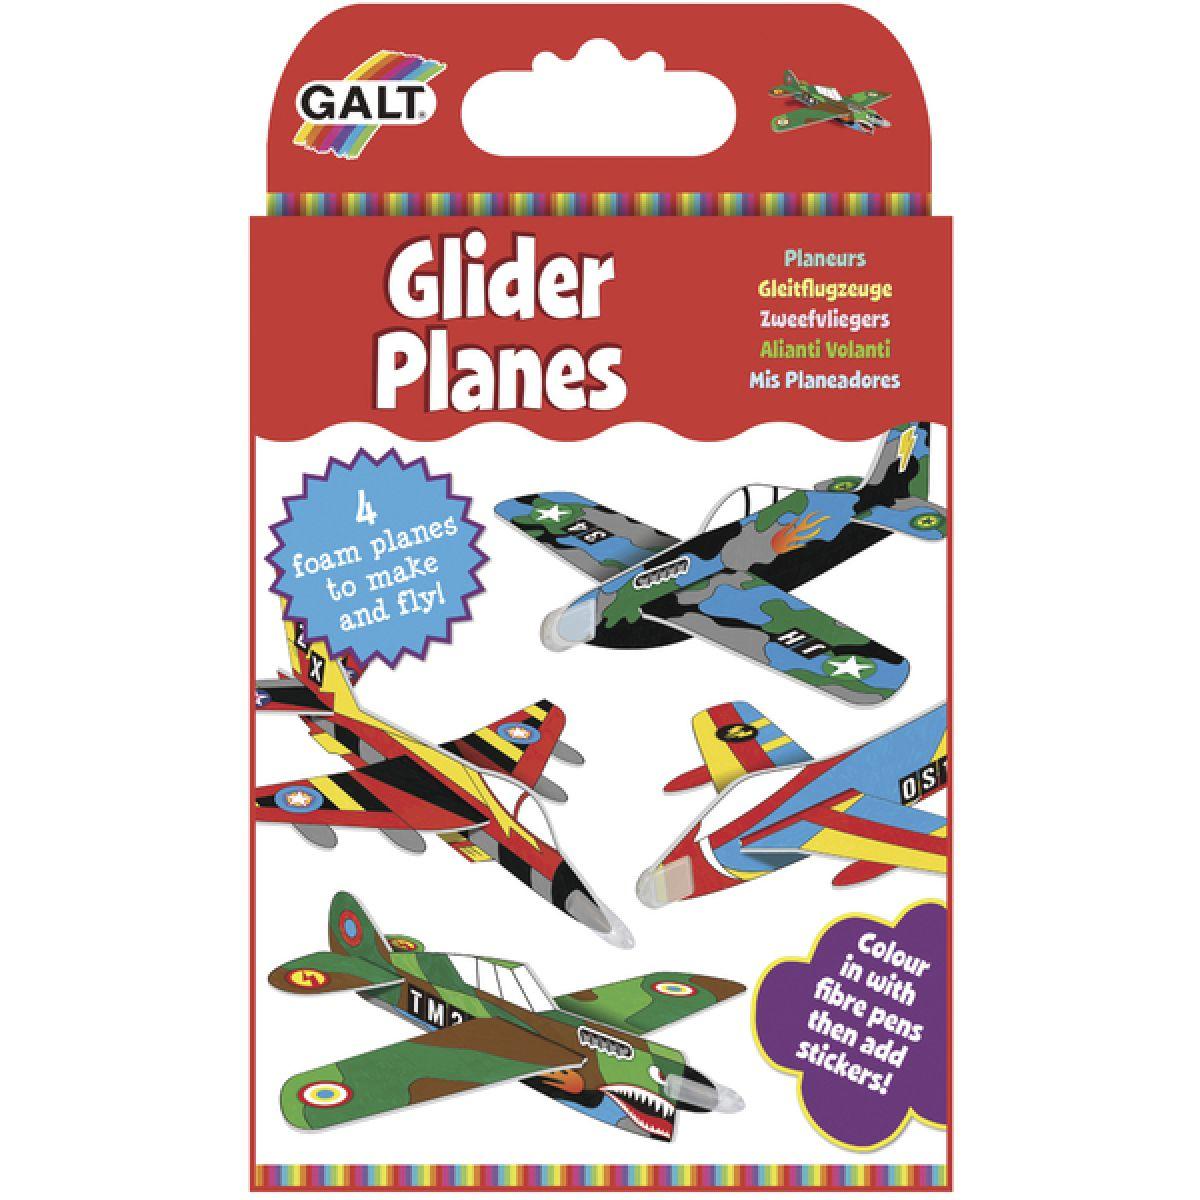 Galt Sestav si pěnová letadla